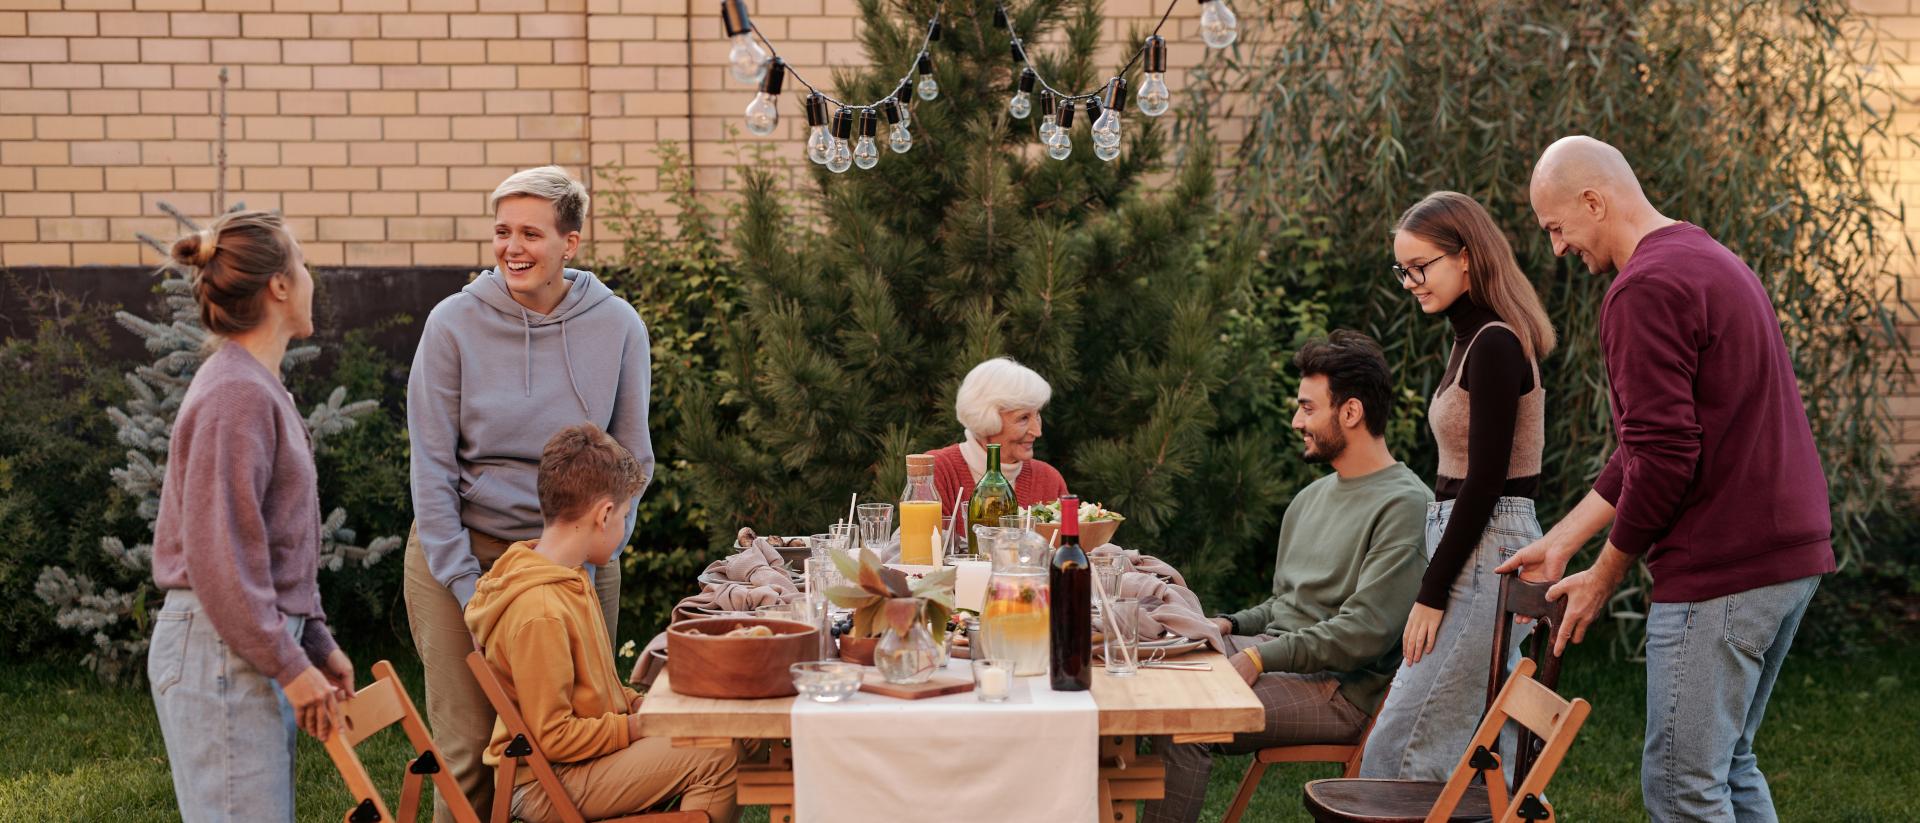 Familie mehrerer Generationen sitzt im Garten